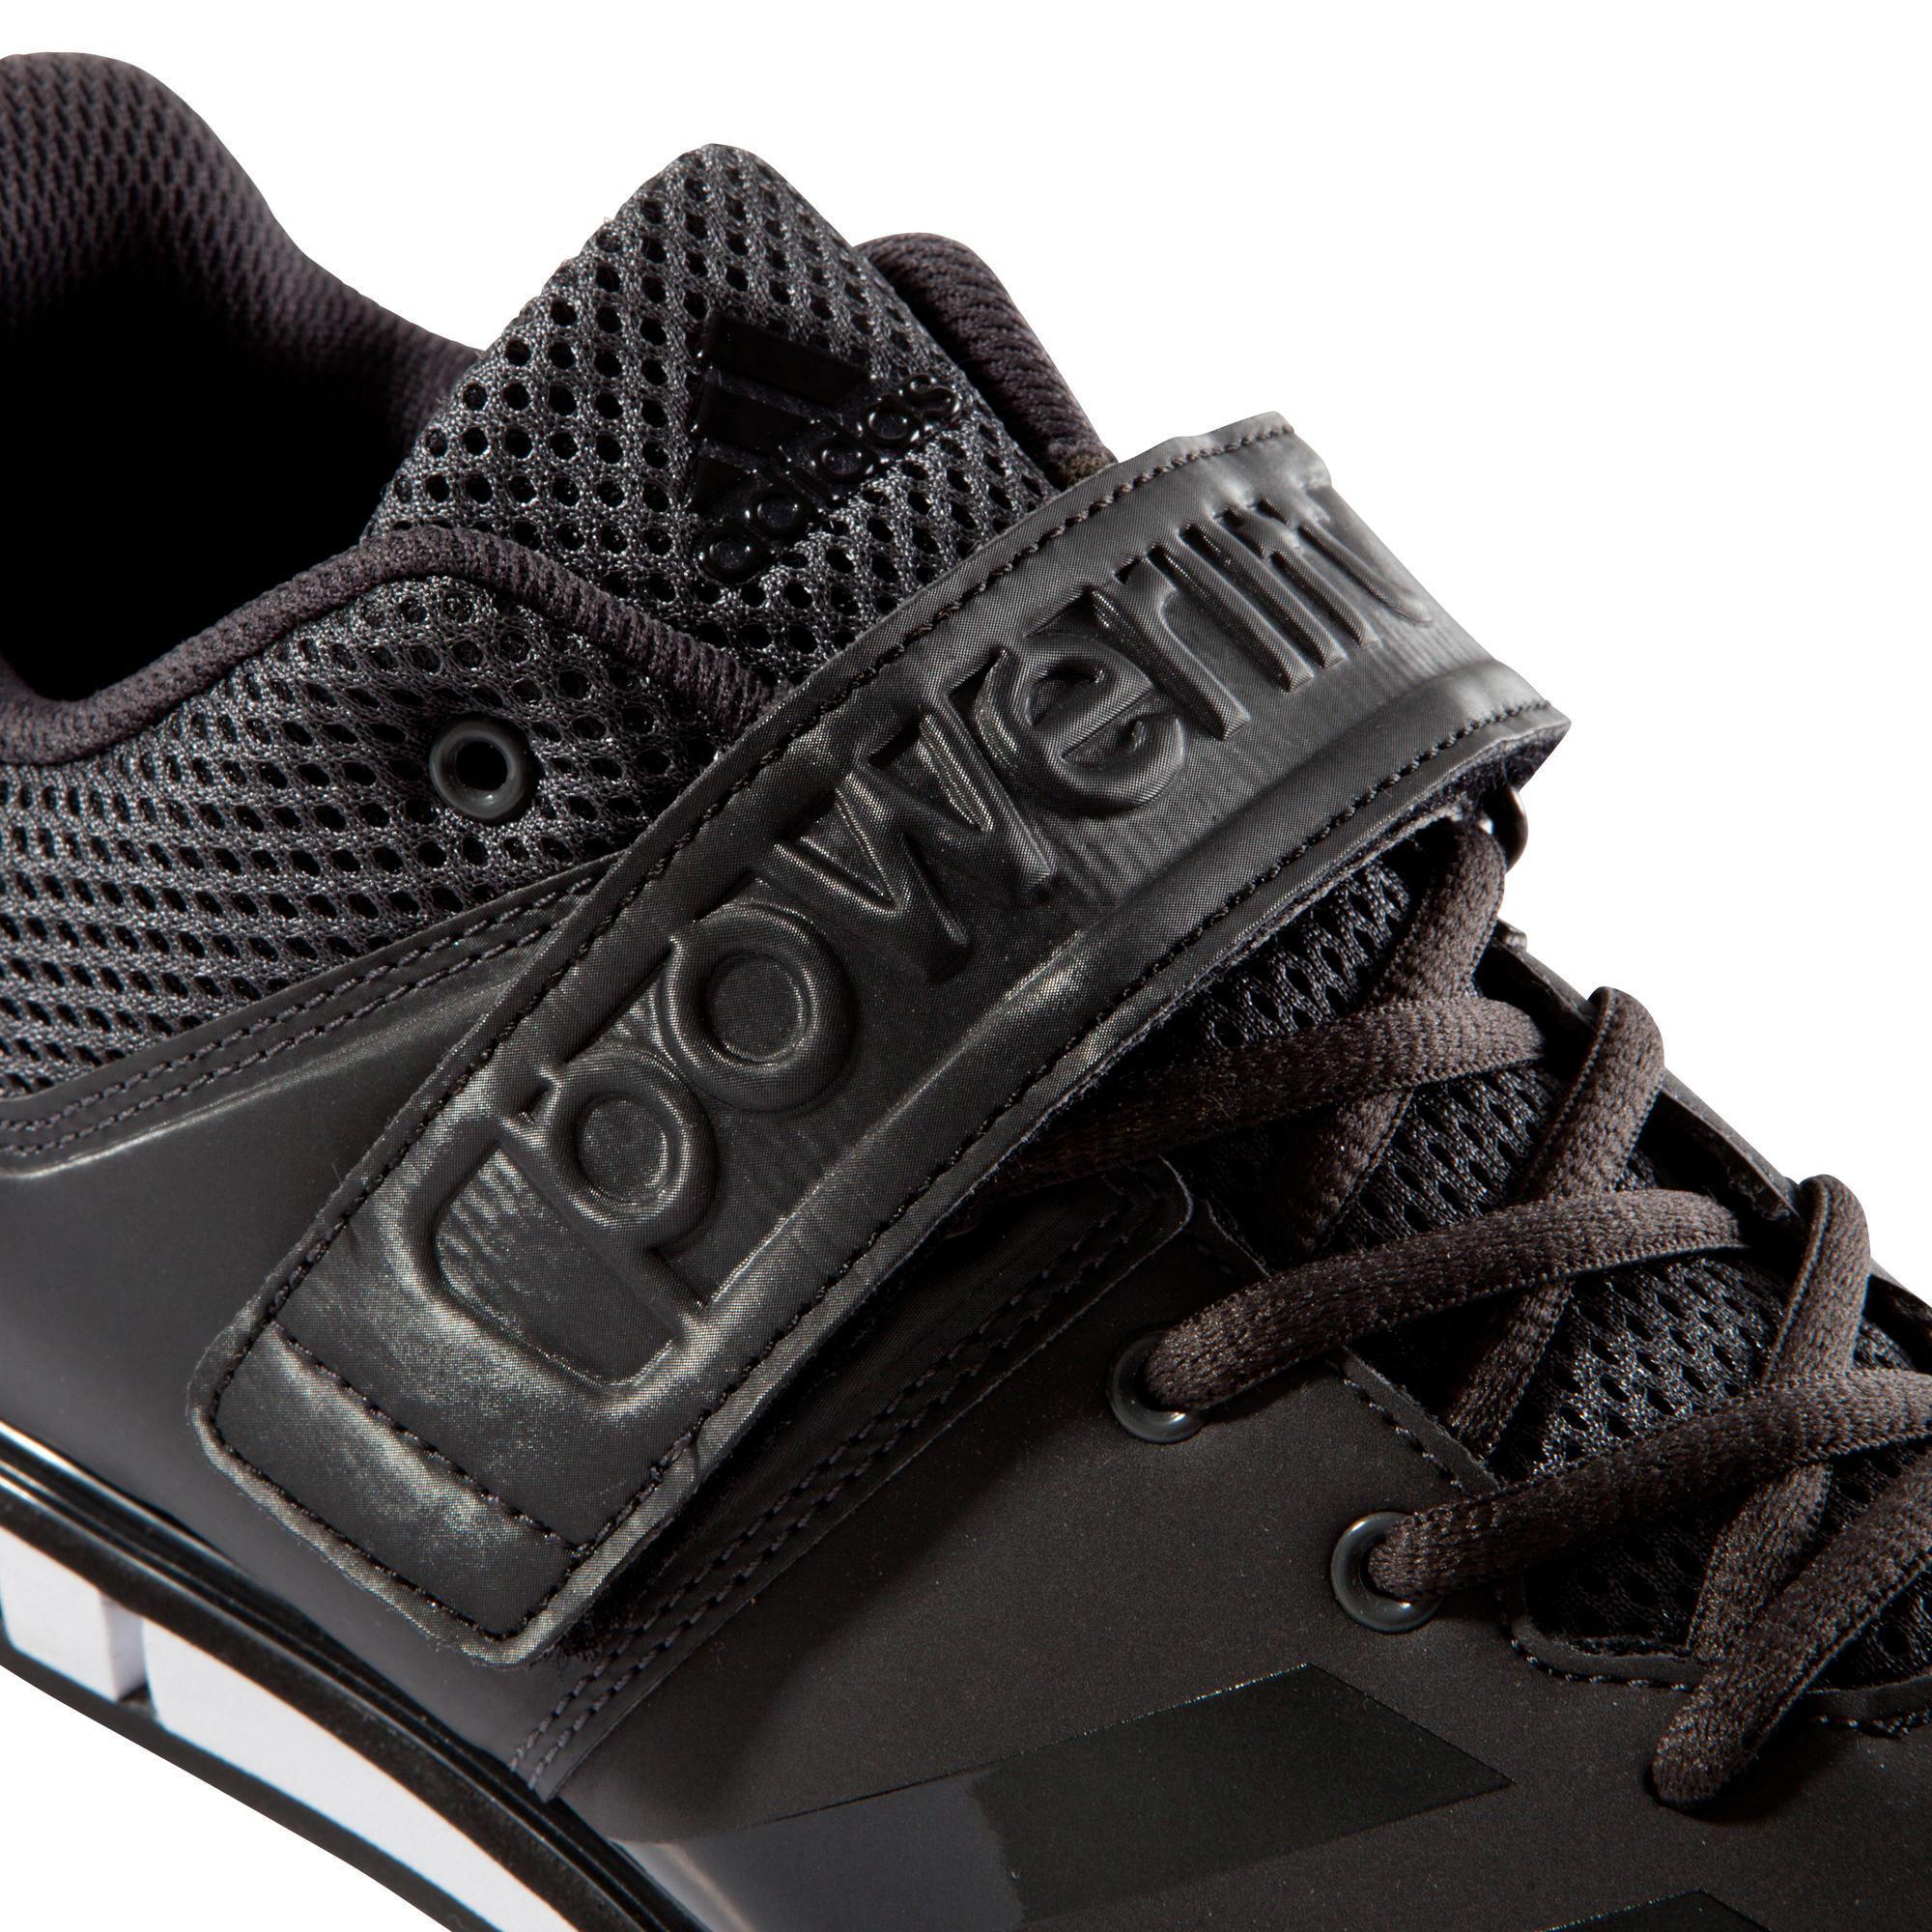 competitive price 83034 6eaf1 Lift Power Chaussure Haltérophilie 1 Decathlon 3 Adidas OnBCFx